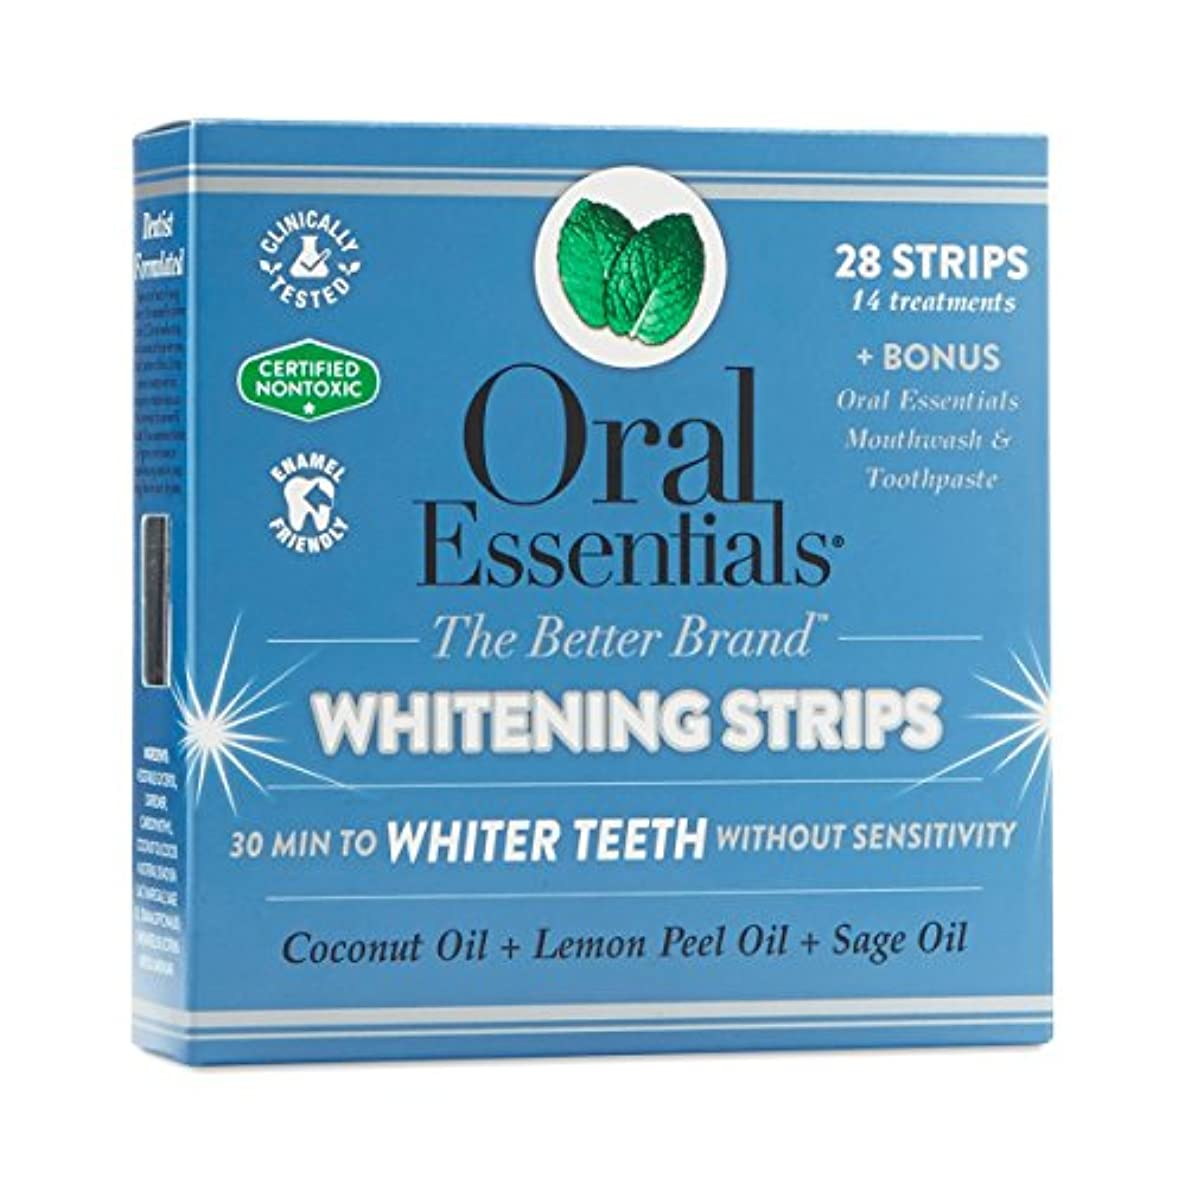 ホワイトニングストリップ オーラルエッセンシャル 14回分(上下24枚) 過酸化物なし、非毒性、敏感な歯茎に方にもやさしい 海外直送品